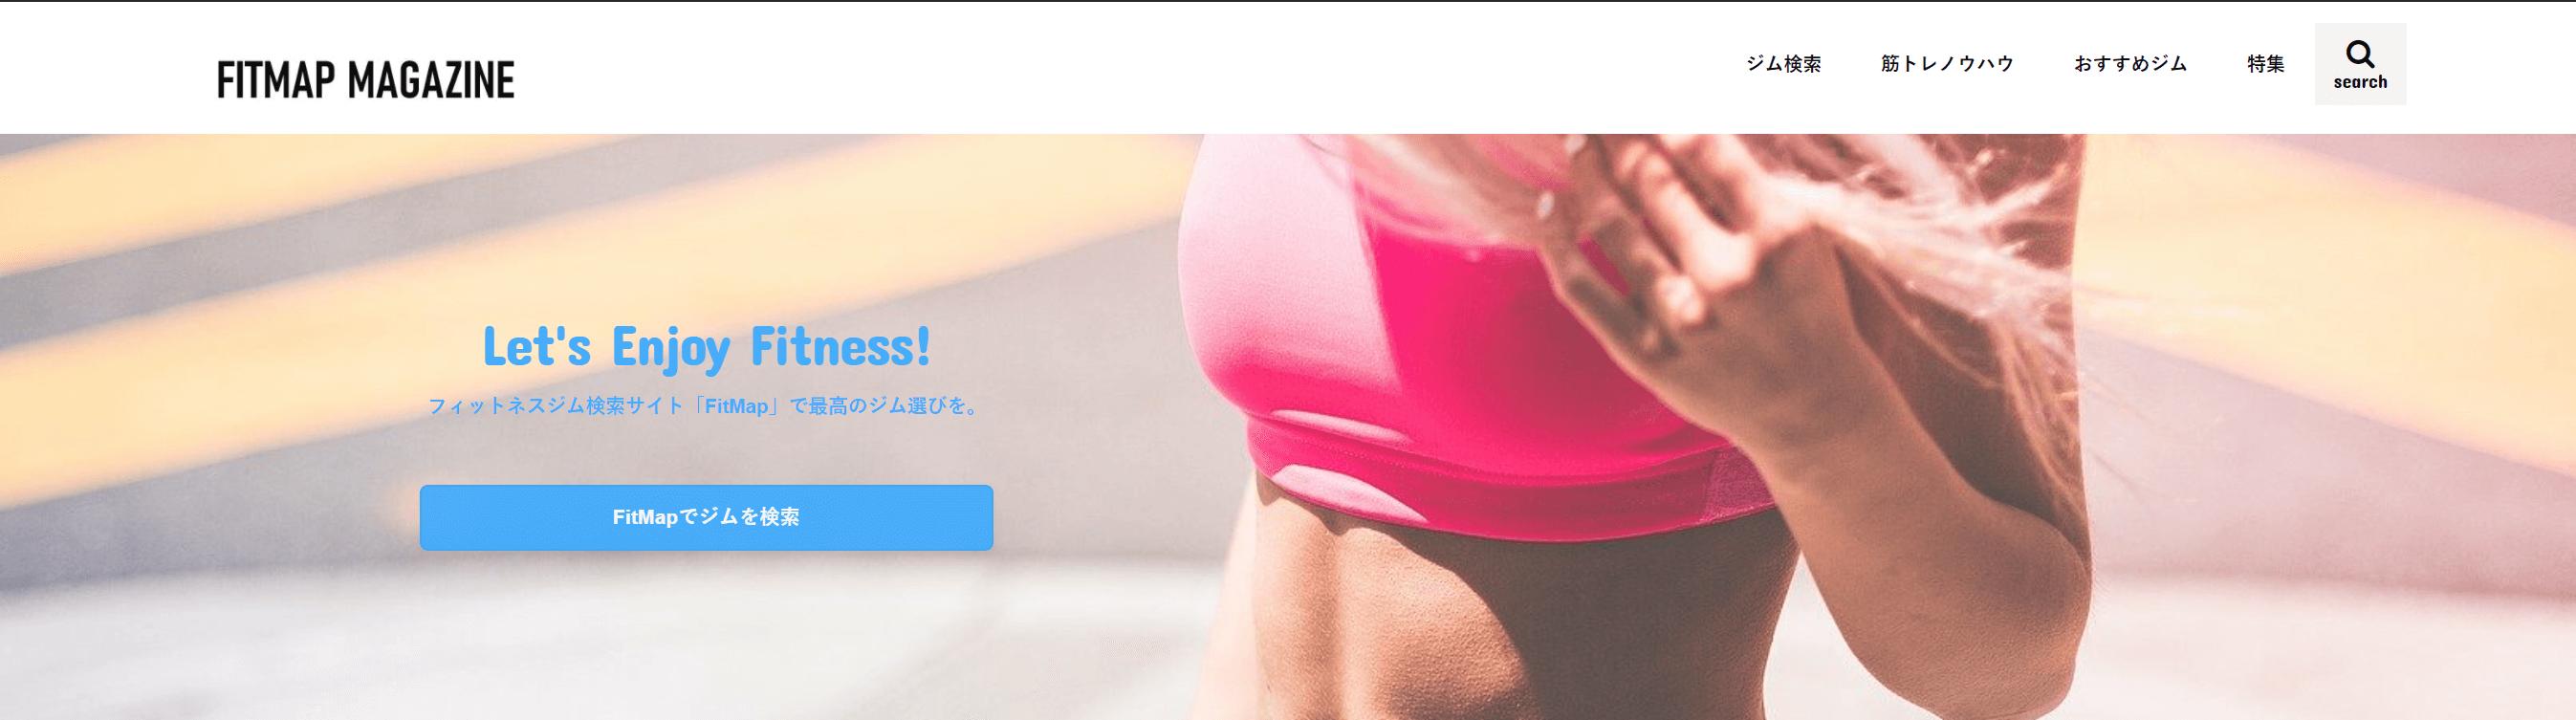 FitMapマガジンのイメージ画像